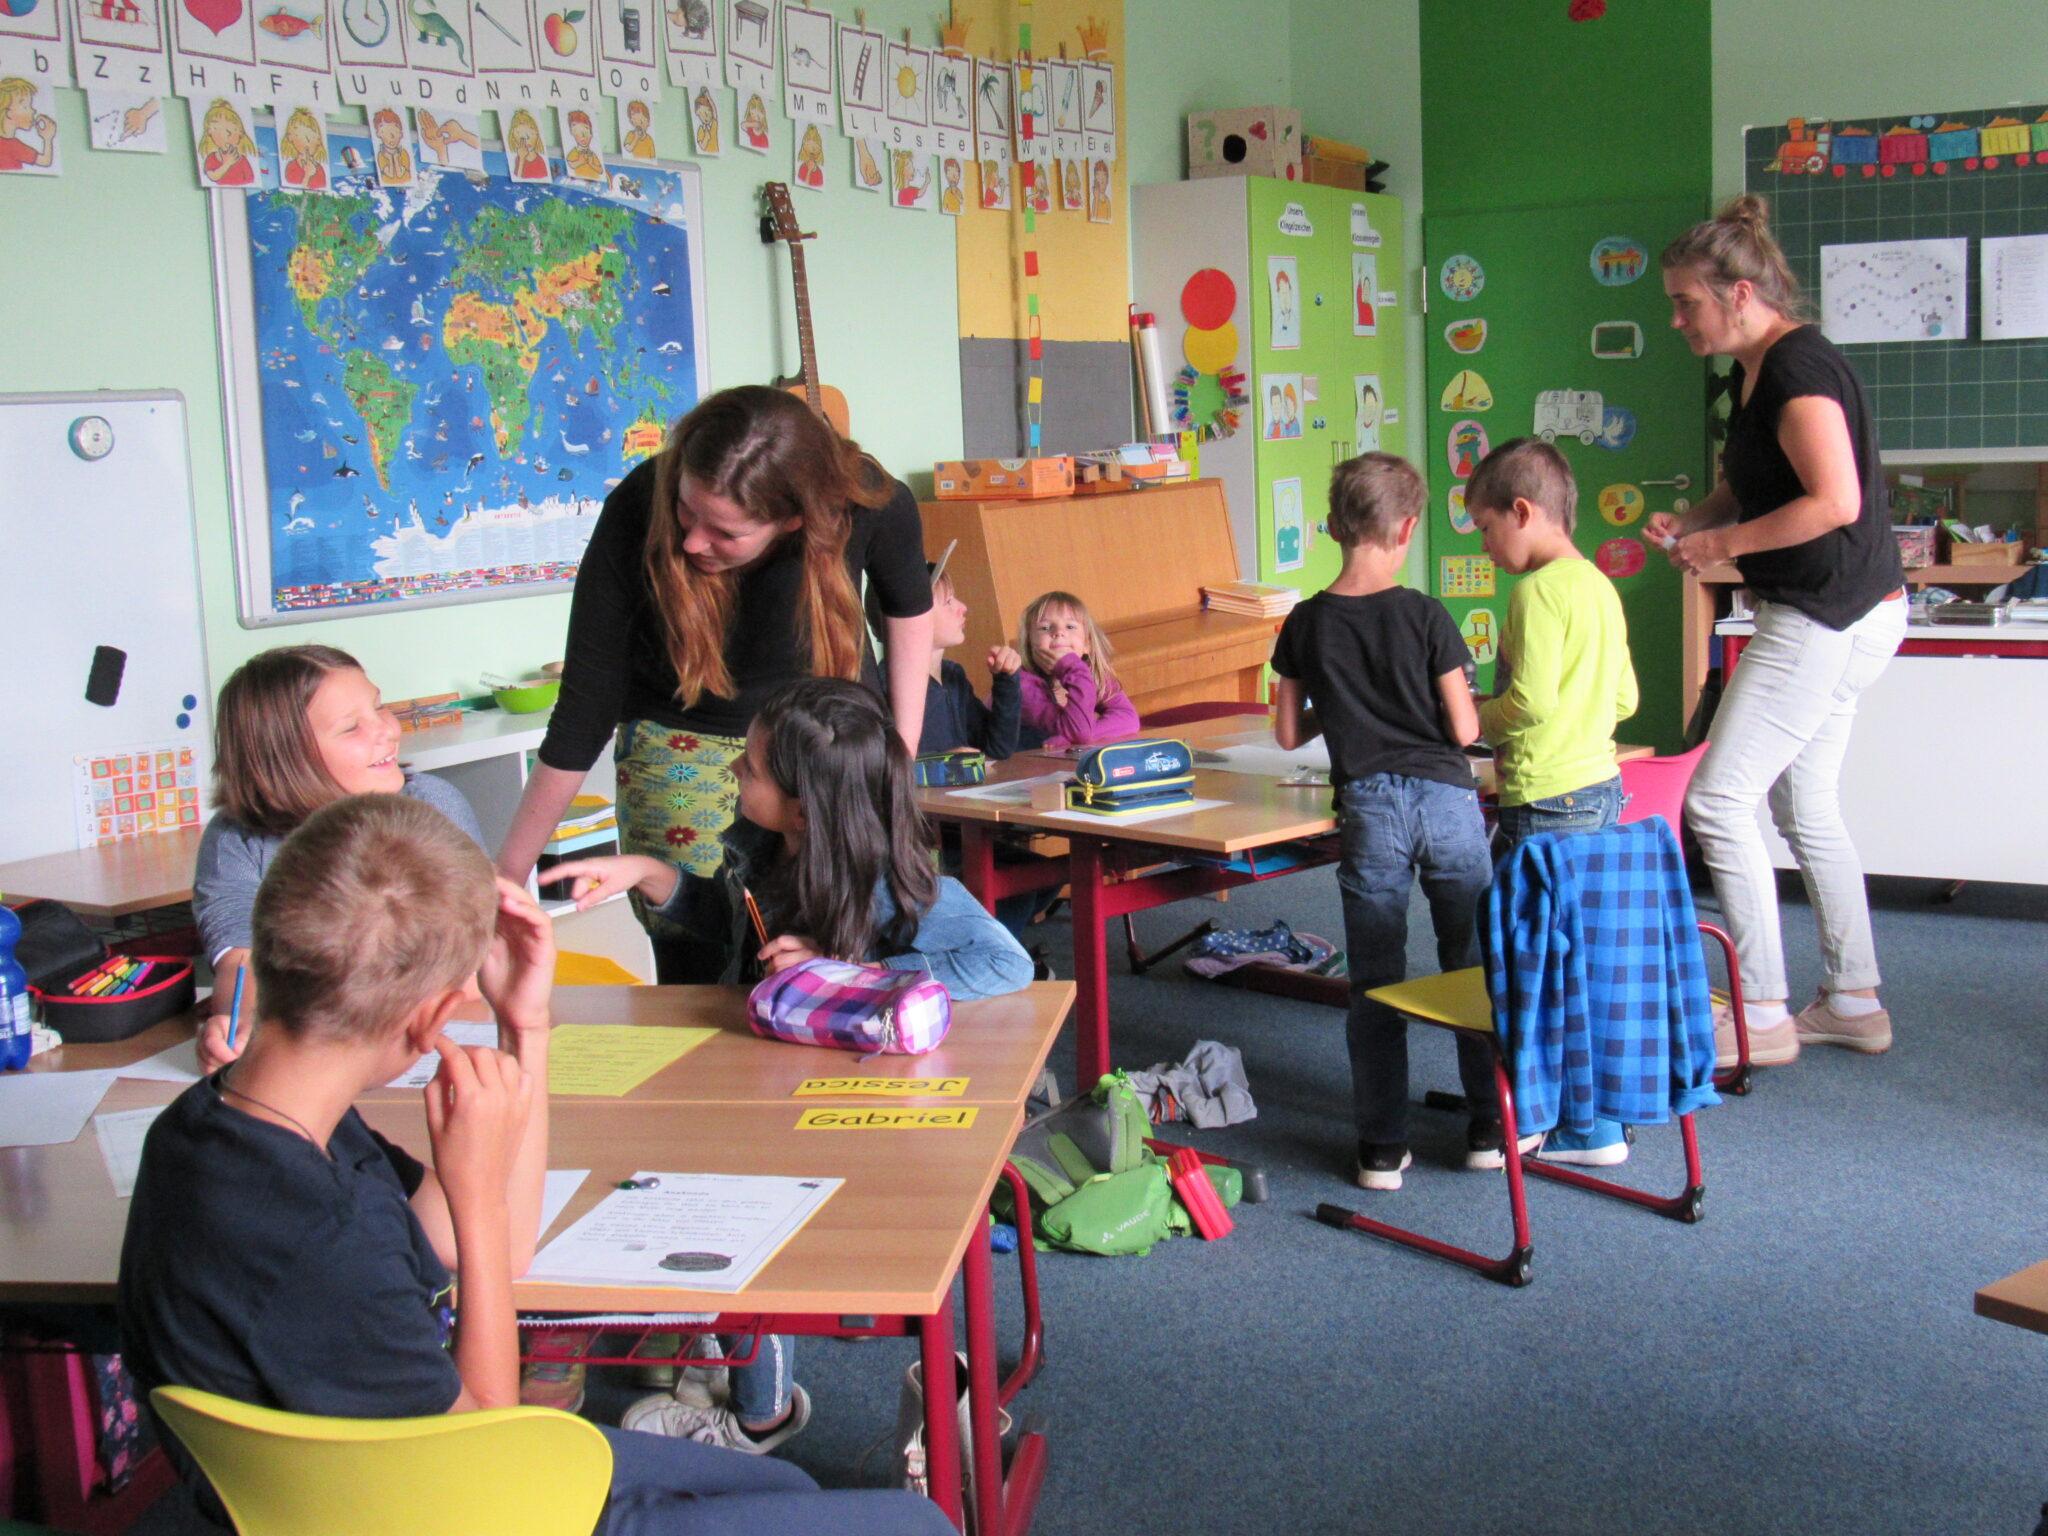 25 Schülerinnen und Schüler nehmen in Villingendorf das Angebot der Lernbrücke wahr. Foto: pm